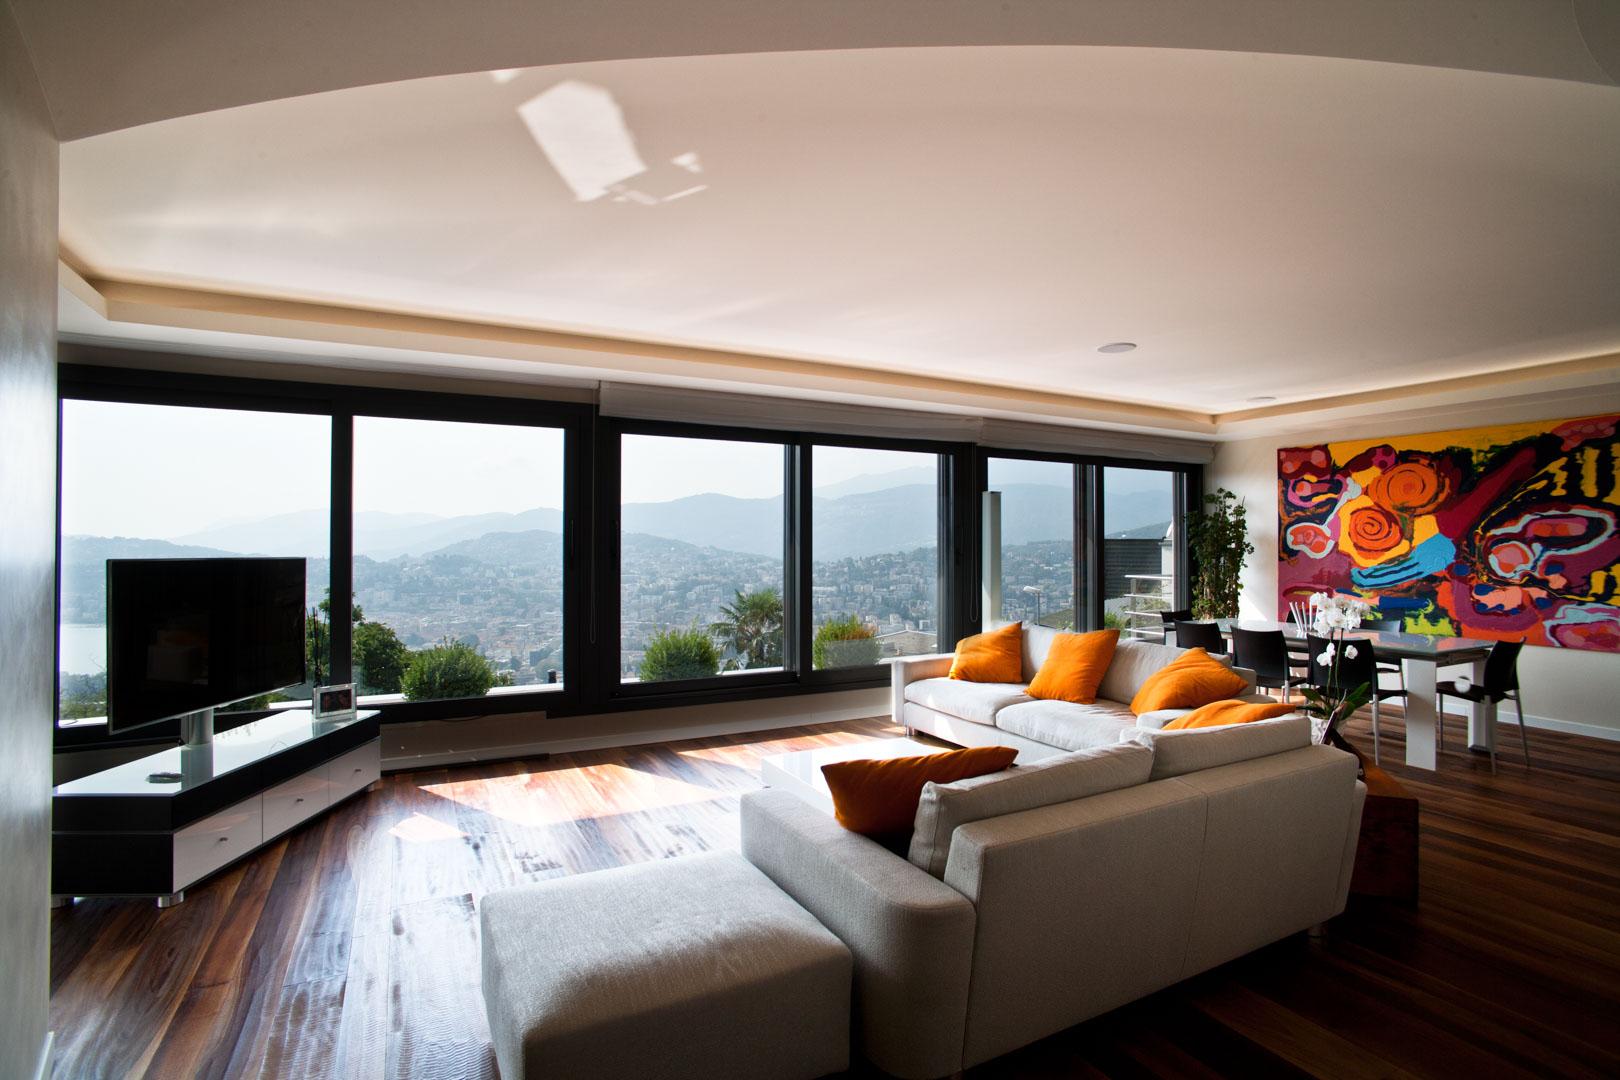 Svizzera 2 servizio fotografico di interni arredamento for Designer di interni